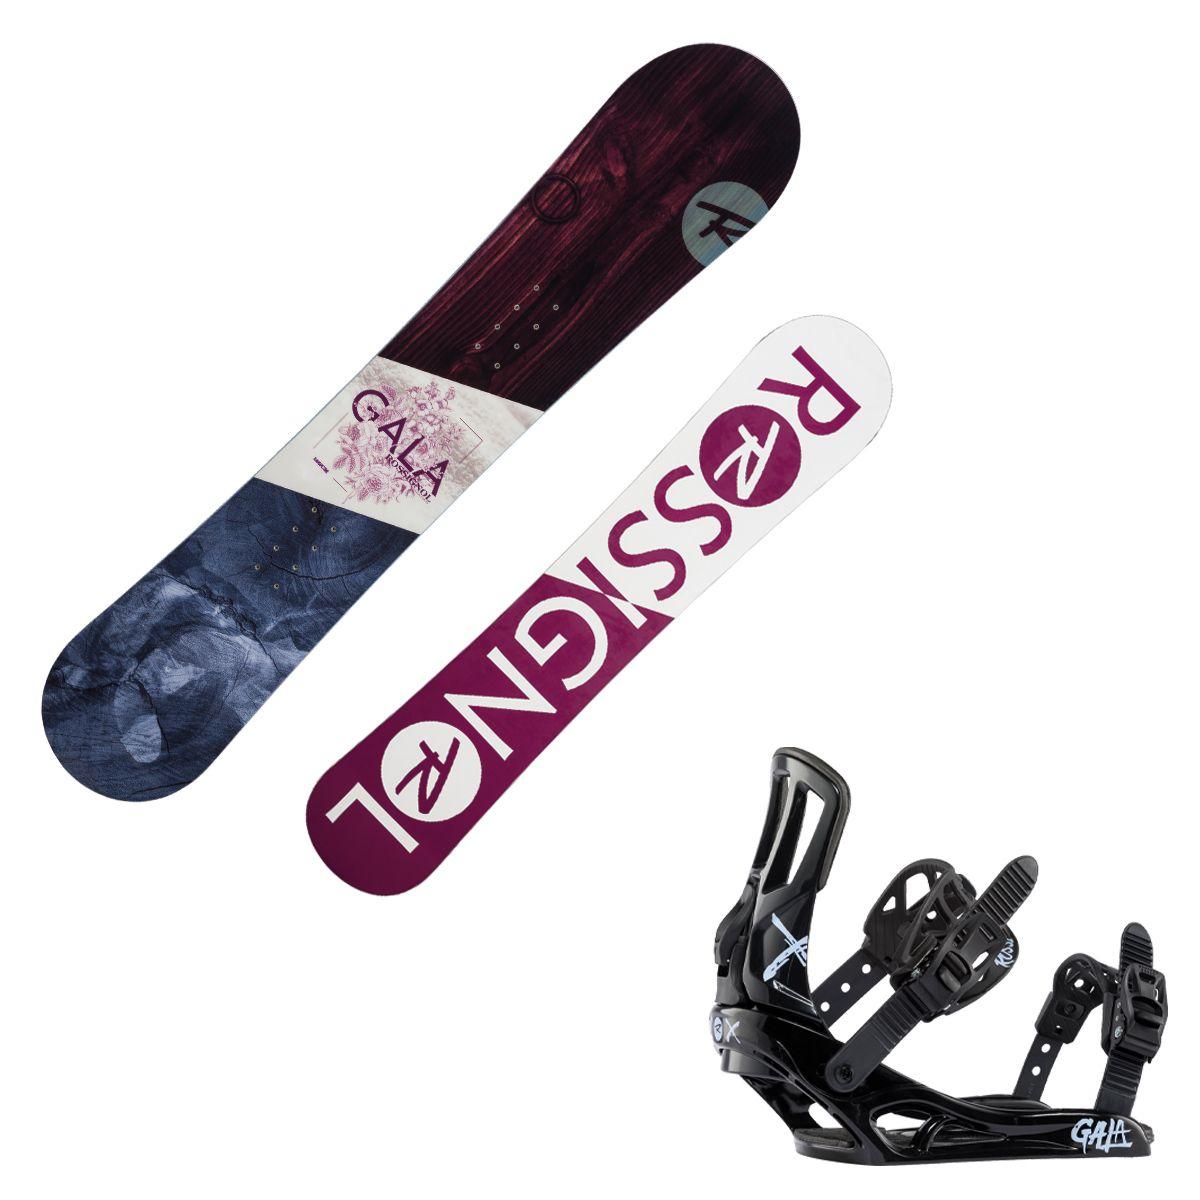 Snowboard Rossignol Gala con attacchi Gala S/M (Colore: fantasia, Taglia: 150)